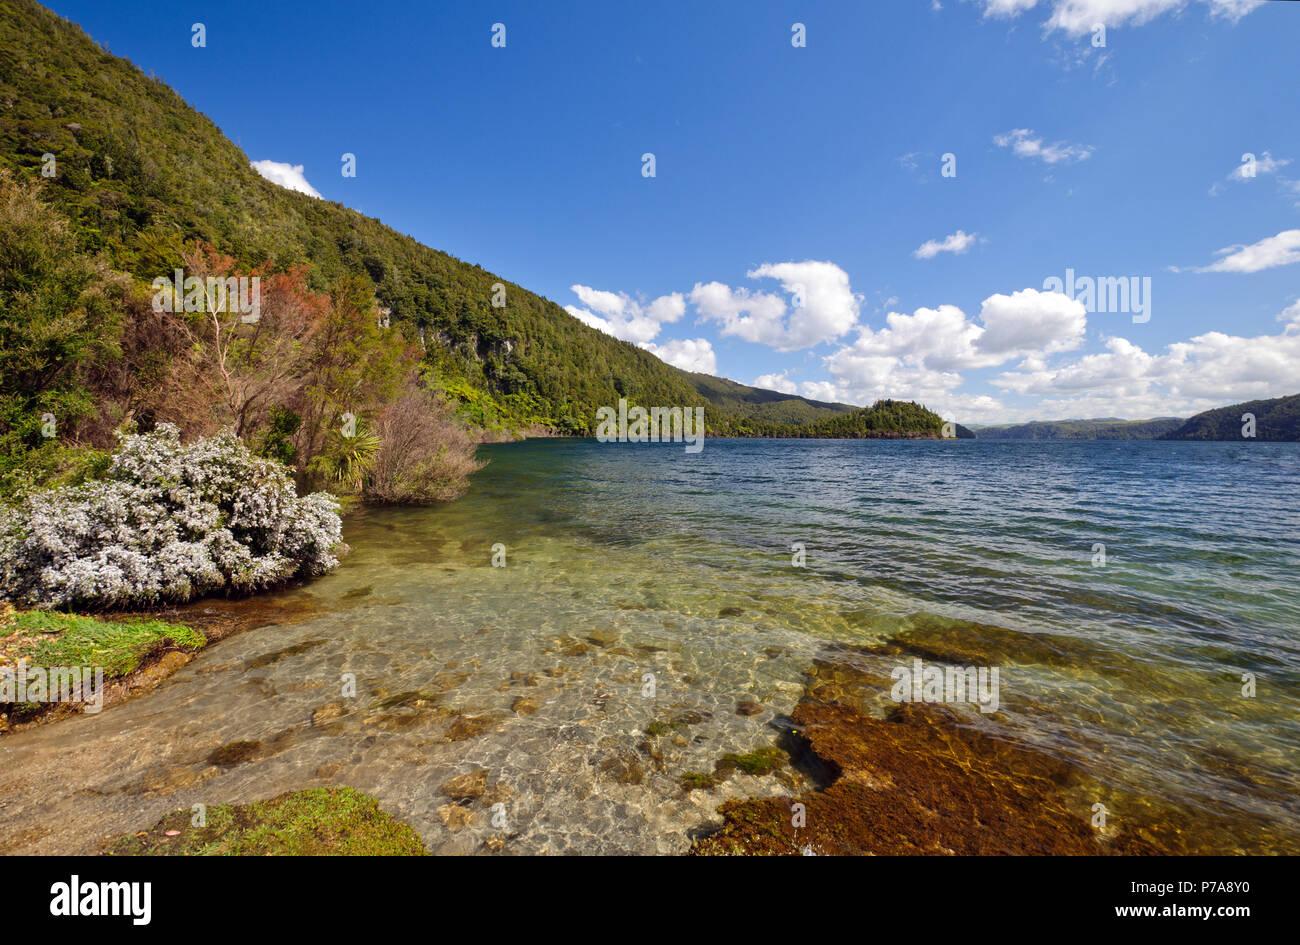 Shallows of Lake Okataina in New Zealand Stock Photo